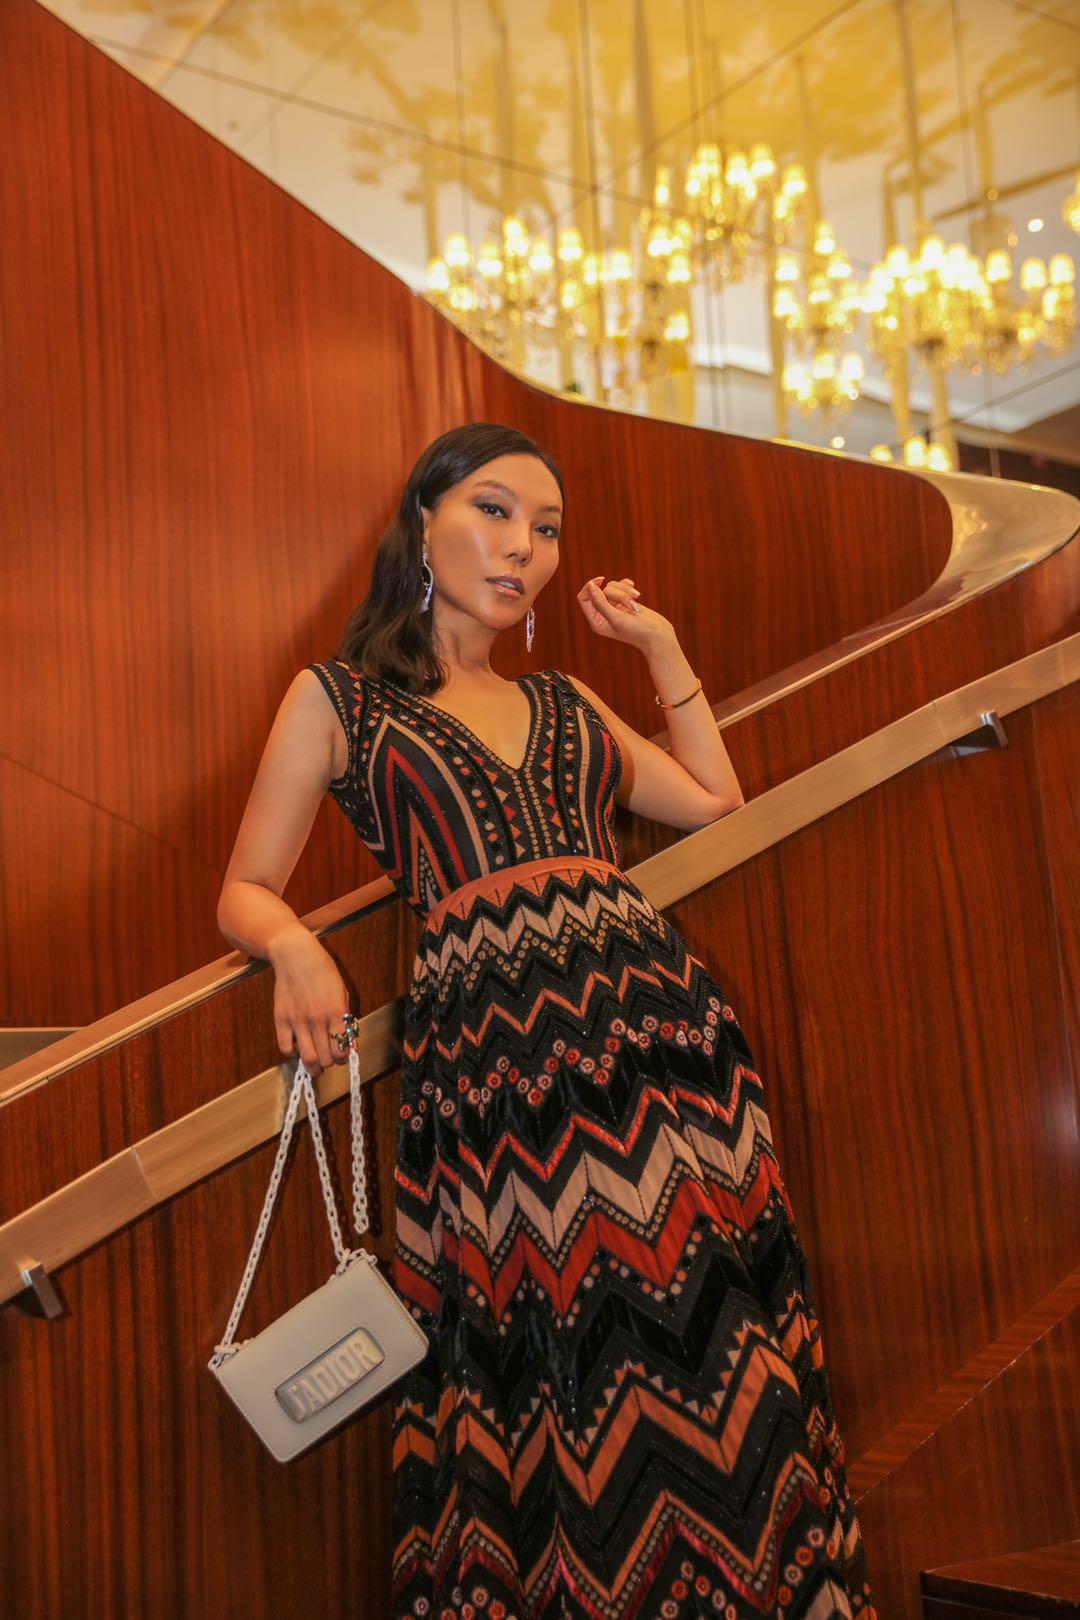 知名珠宝设计师万宝宝受邀出席迪奥2019秋冬高级订制系列发布秀